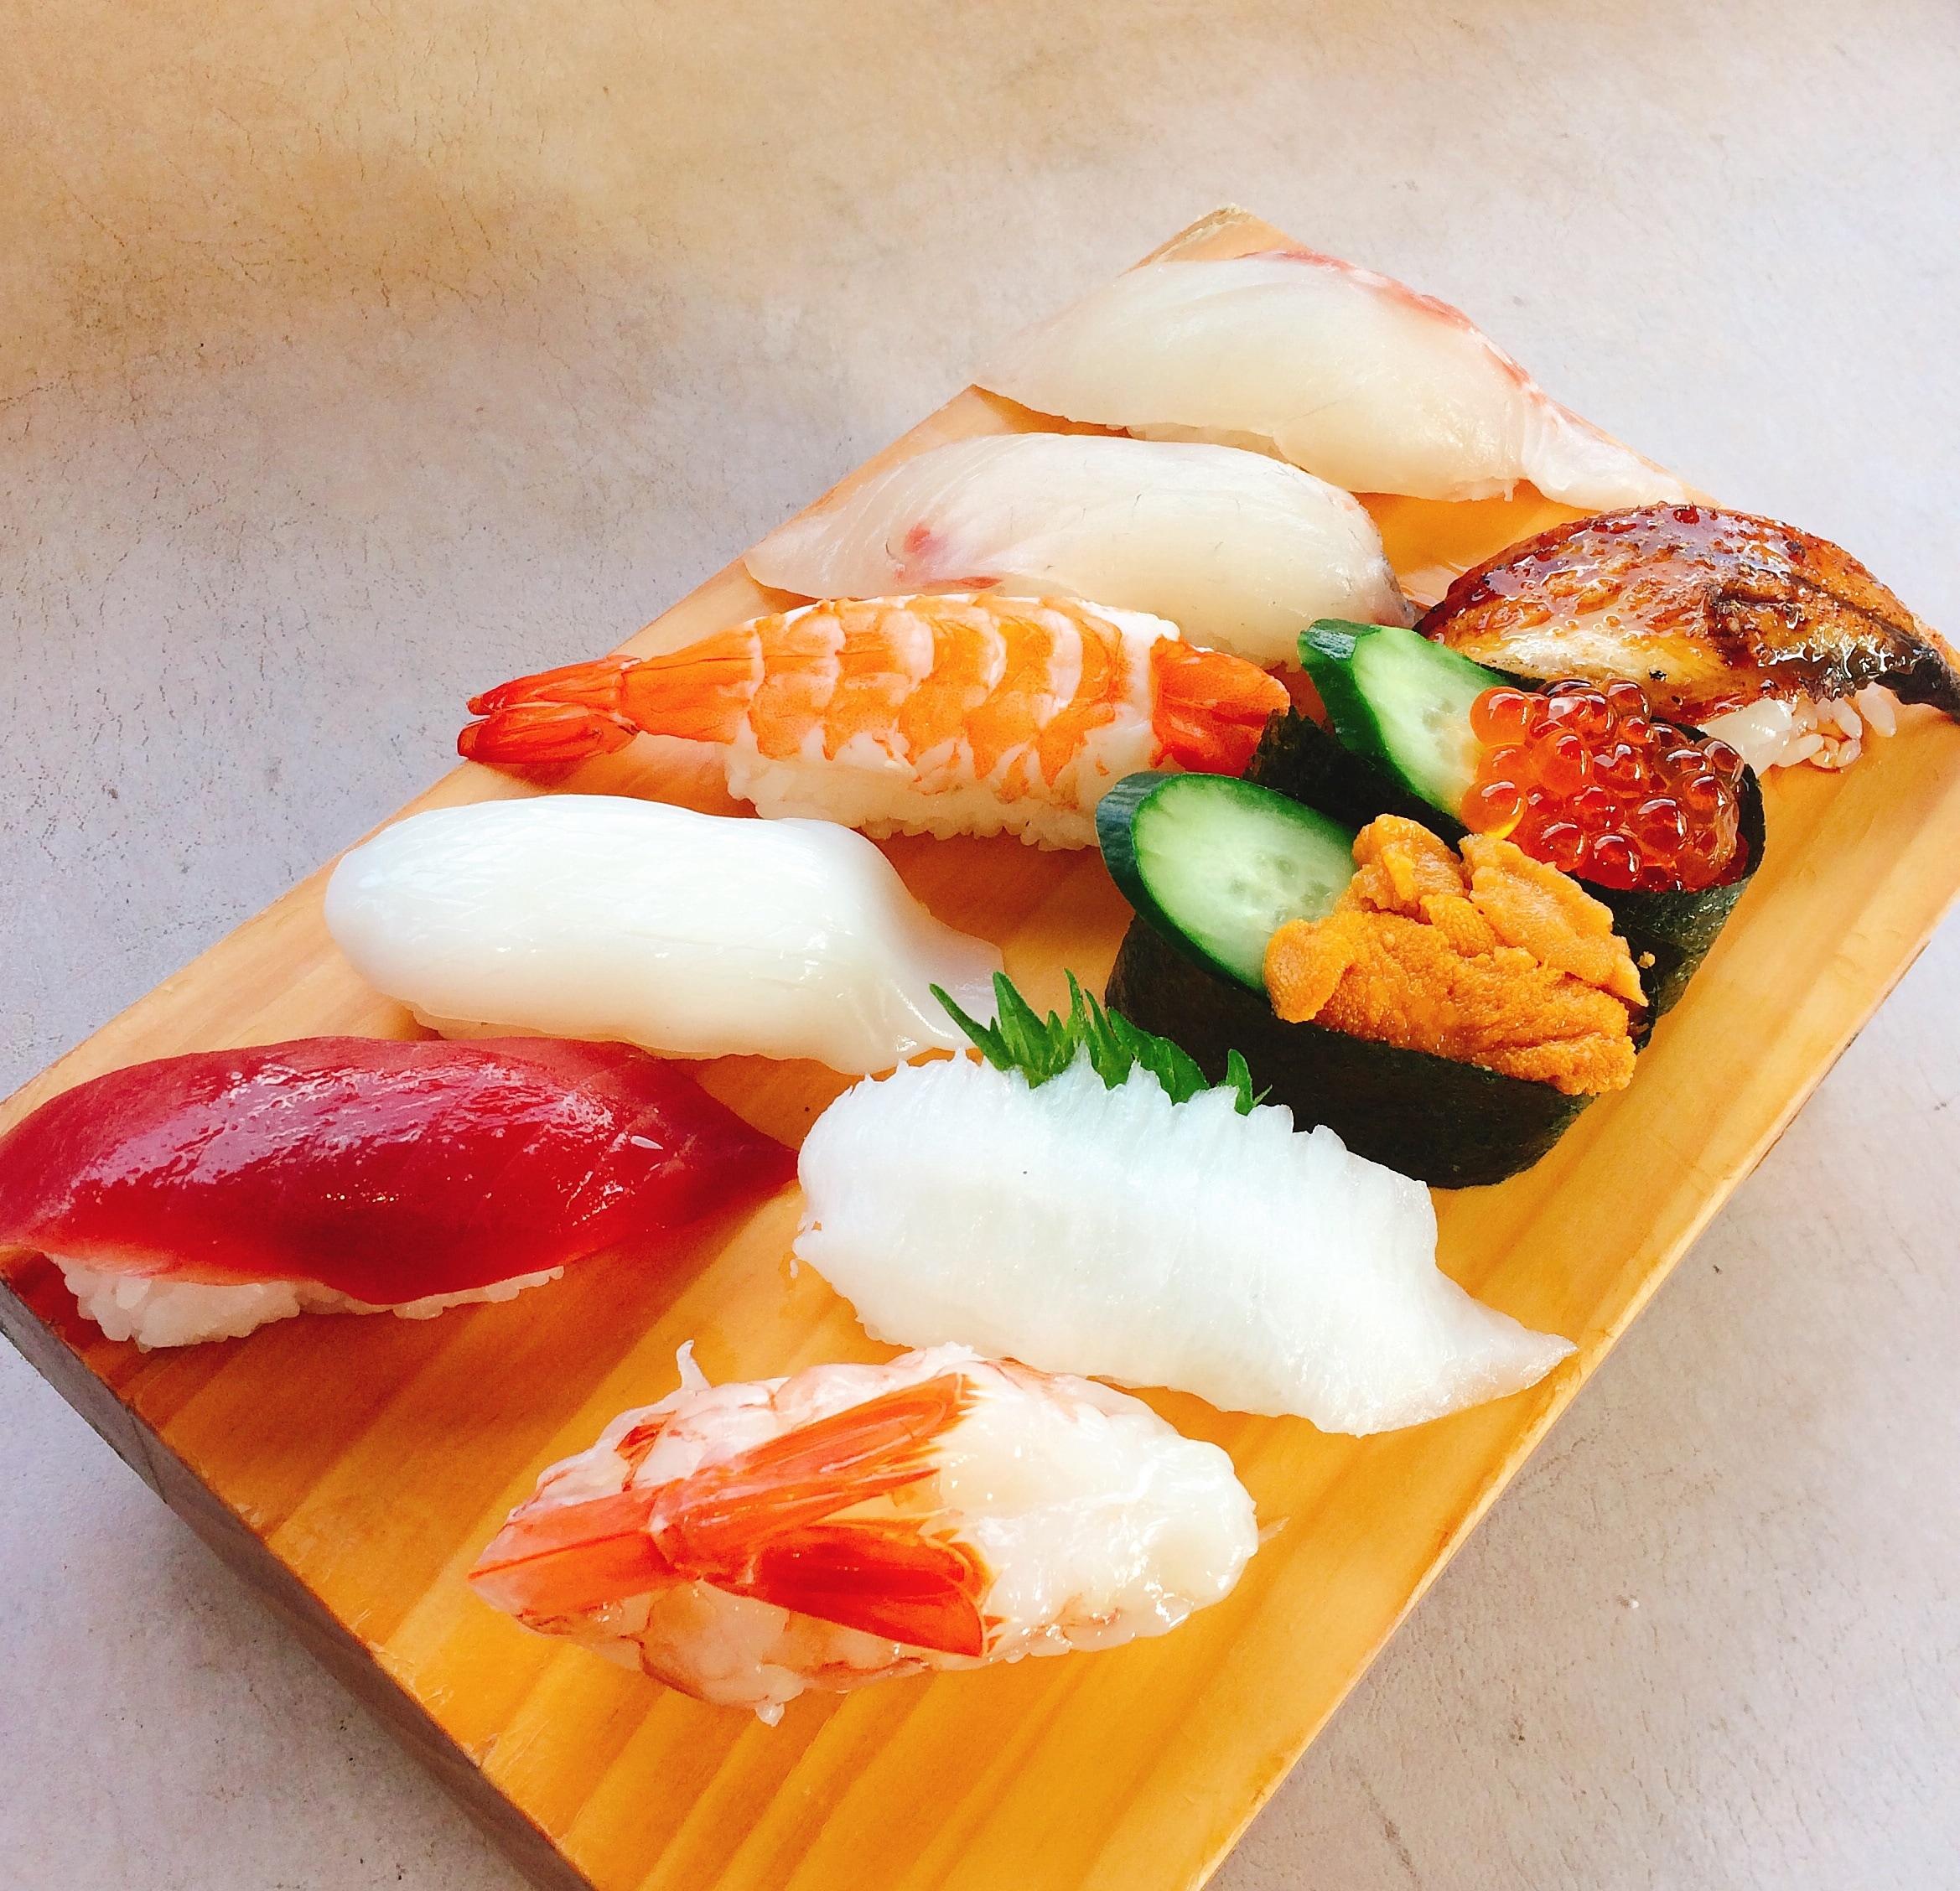 熊本県人吉 球磨郡/回転寿司まぐろやサンロードシティ店まぐろや上握り10貫盛り